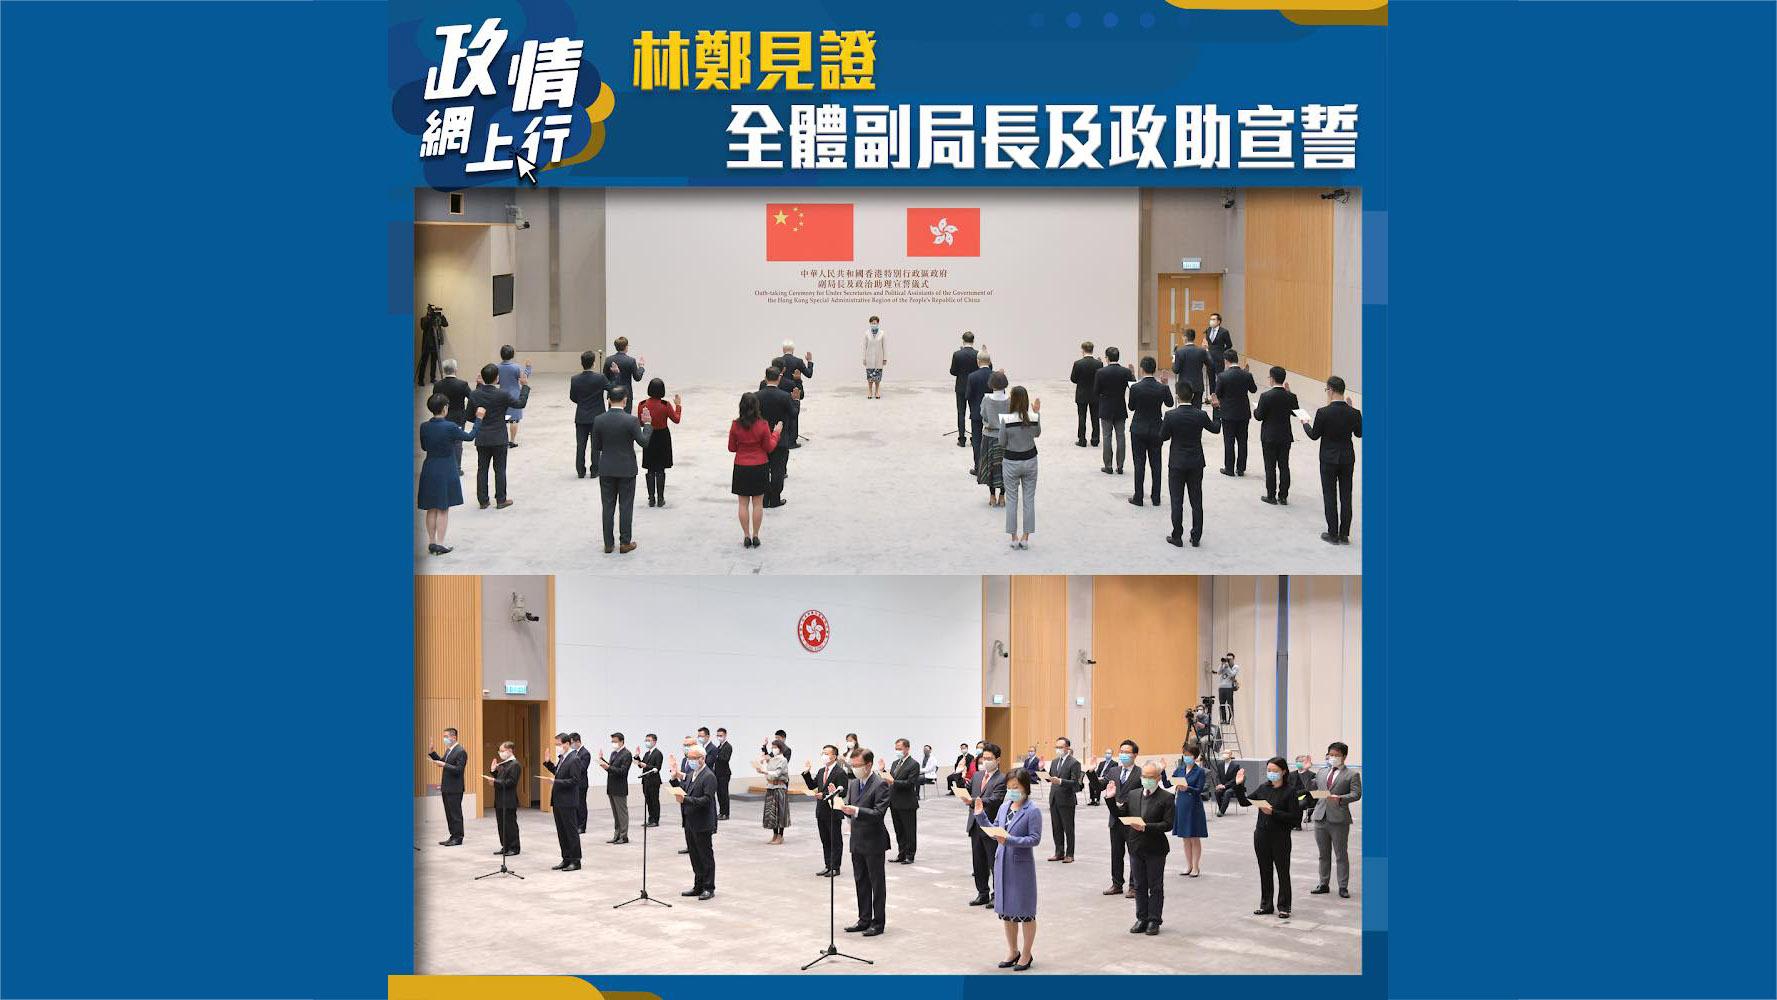 【政情網上行】林鄭見證全體副局長及政助宣誓